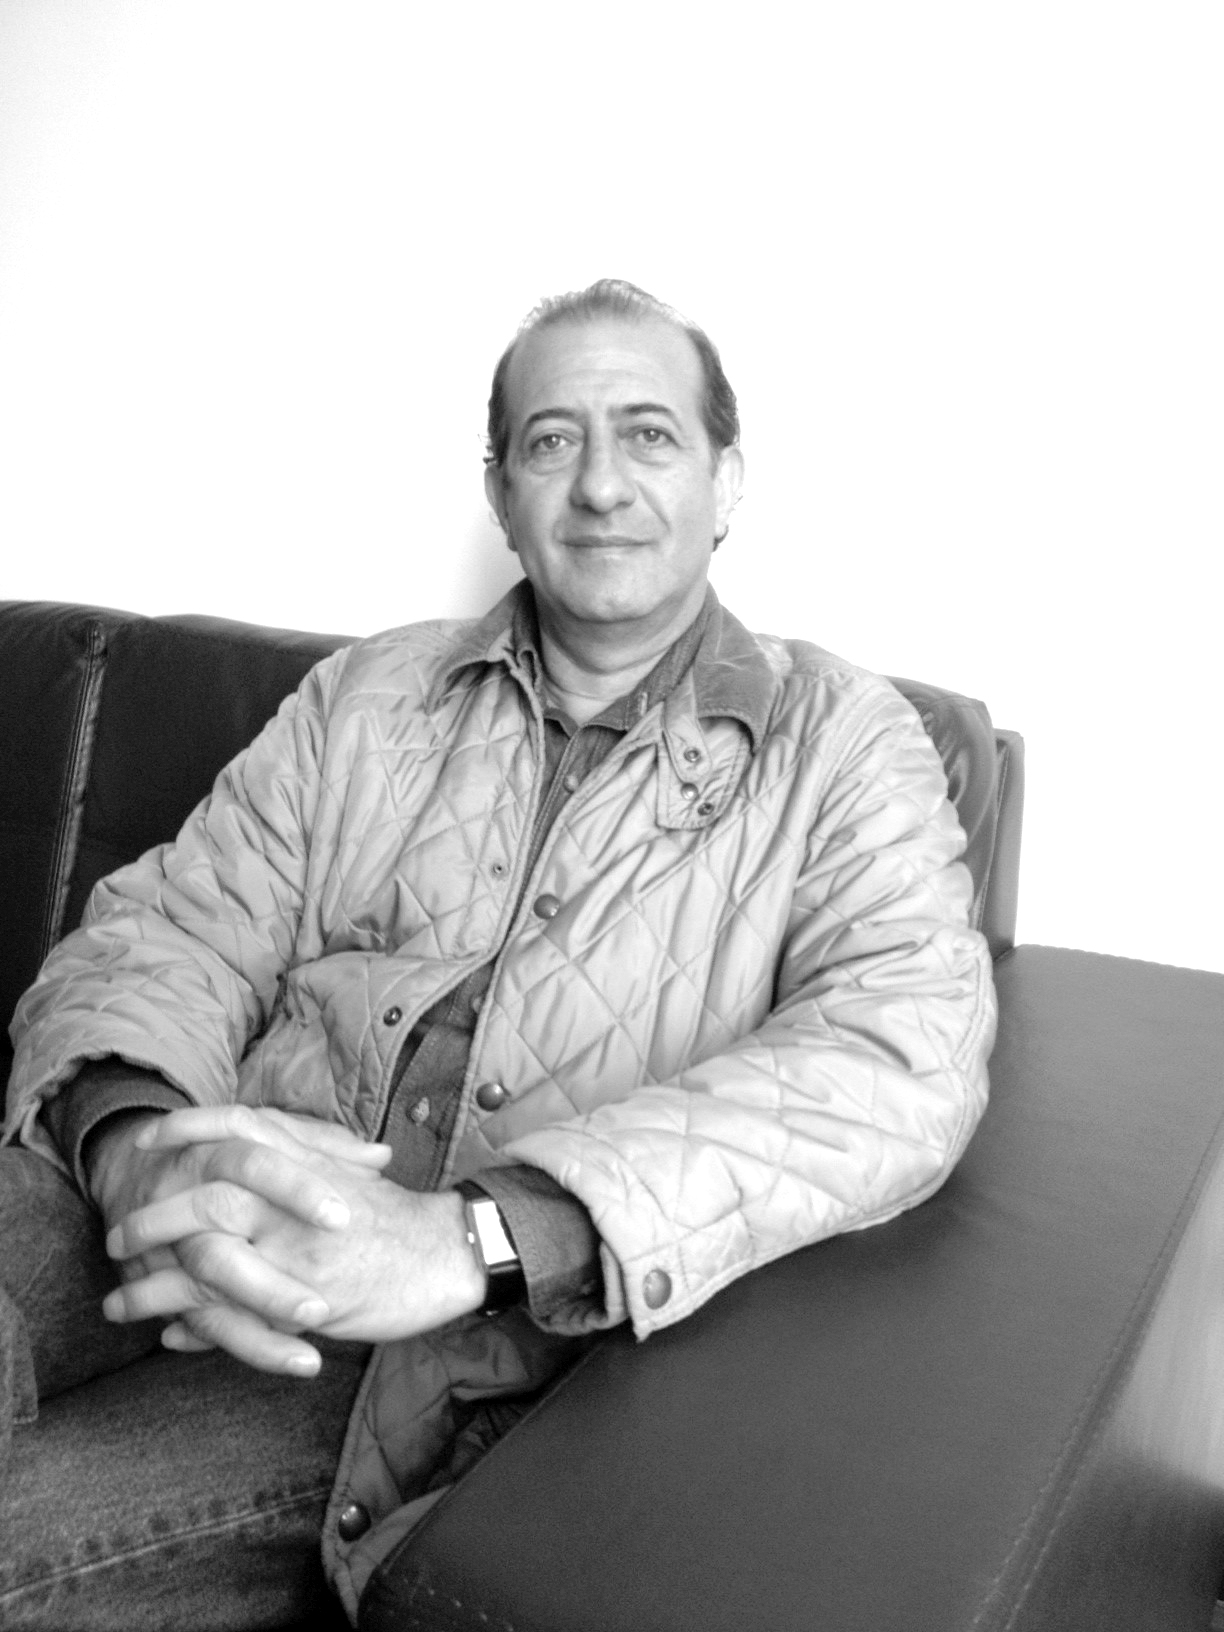 Encallado el barco… ¿ahora qué? Por: Carlos Iván Mantilla Velásquez | EL FRENTE